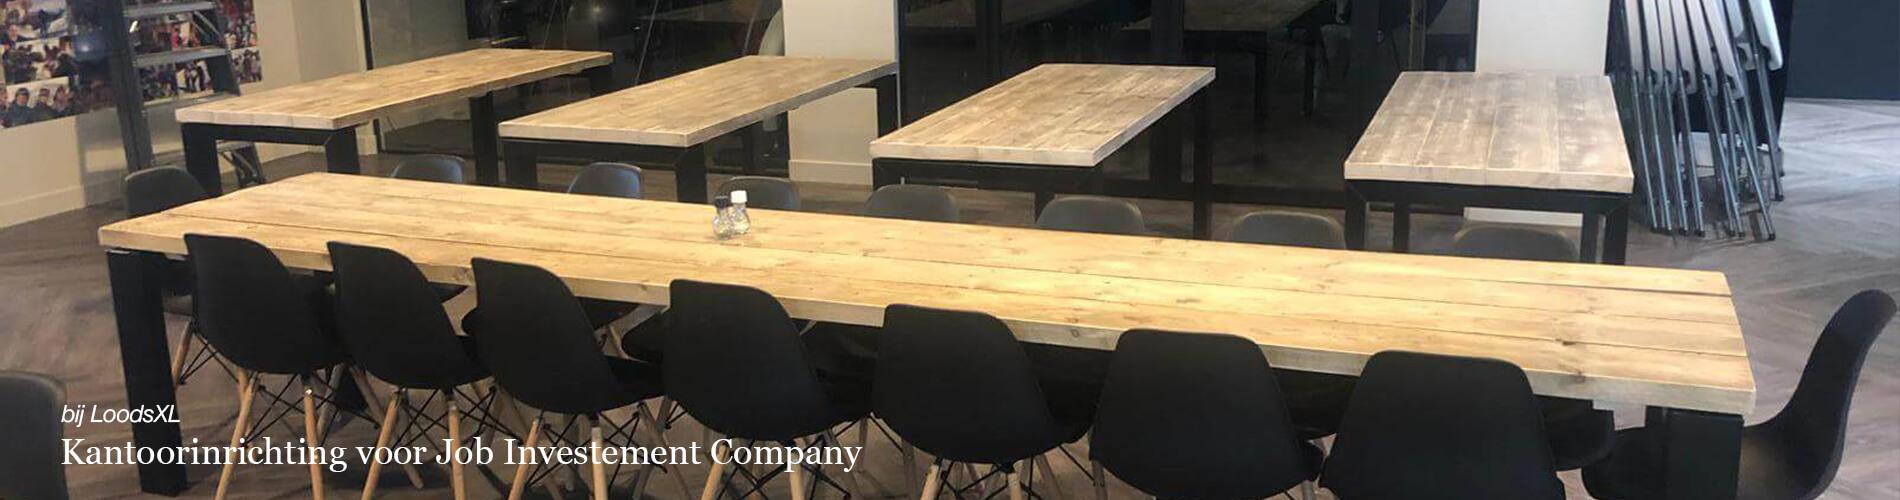 Kantoorinrichting met steigerhouten industriele tafels voor Job Investement Company bij LoodsXL